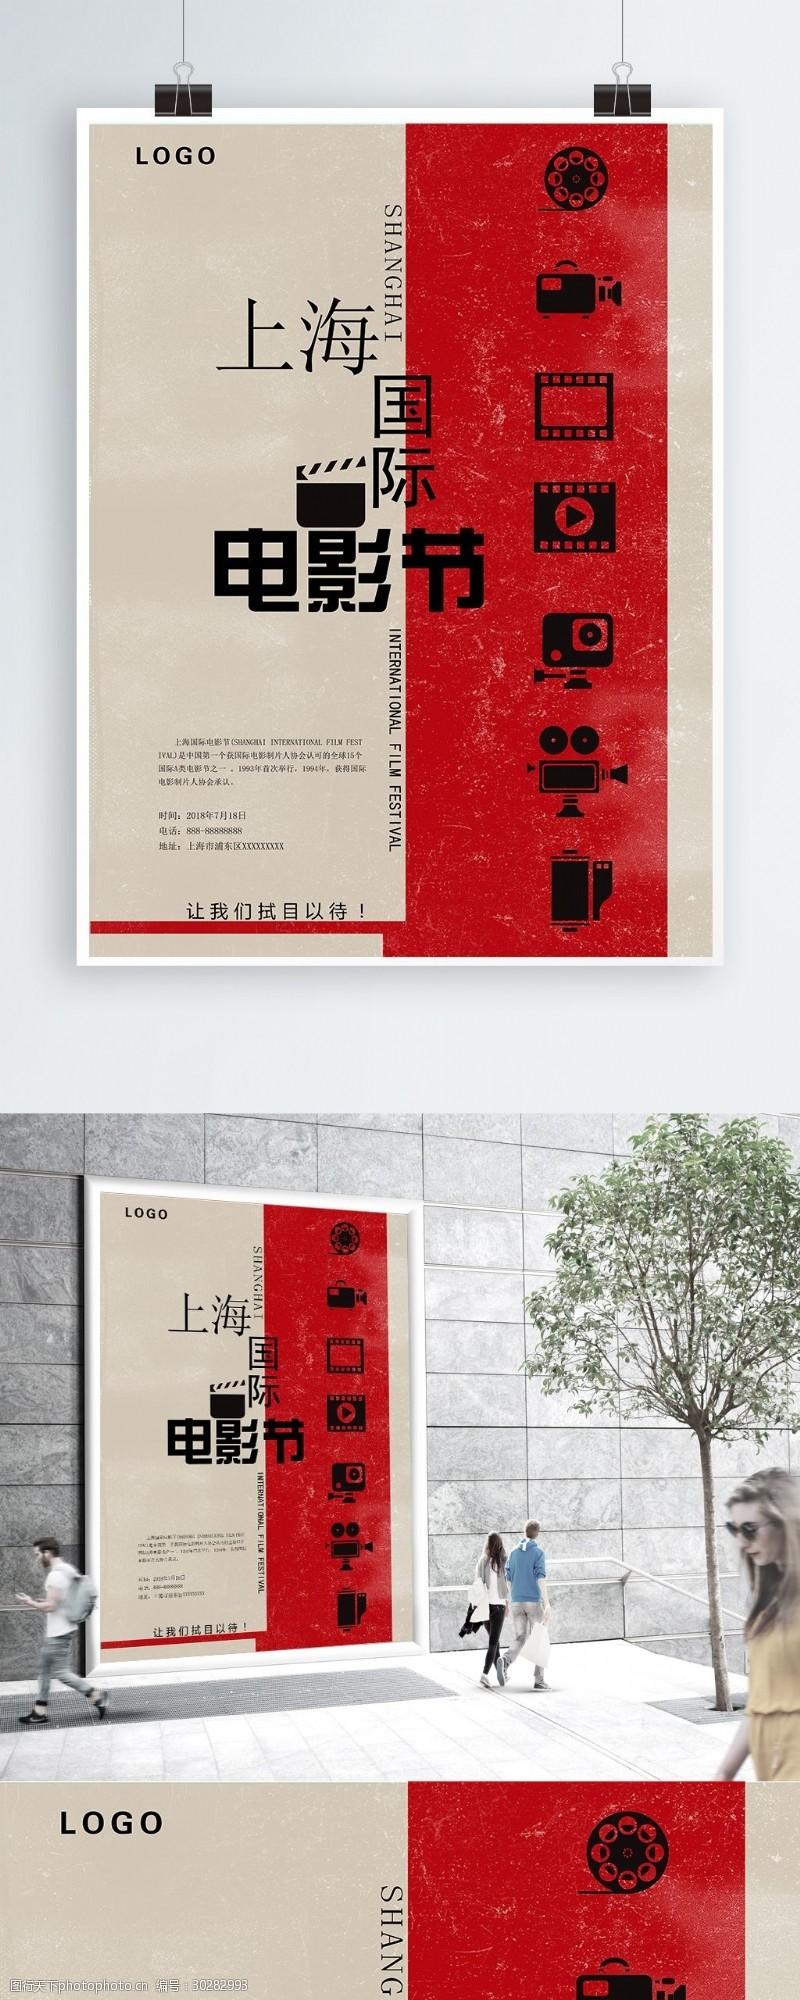 上海电影节简约大气电影节海报